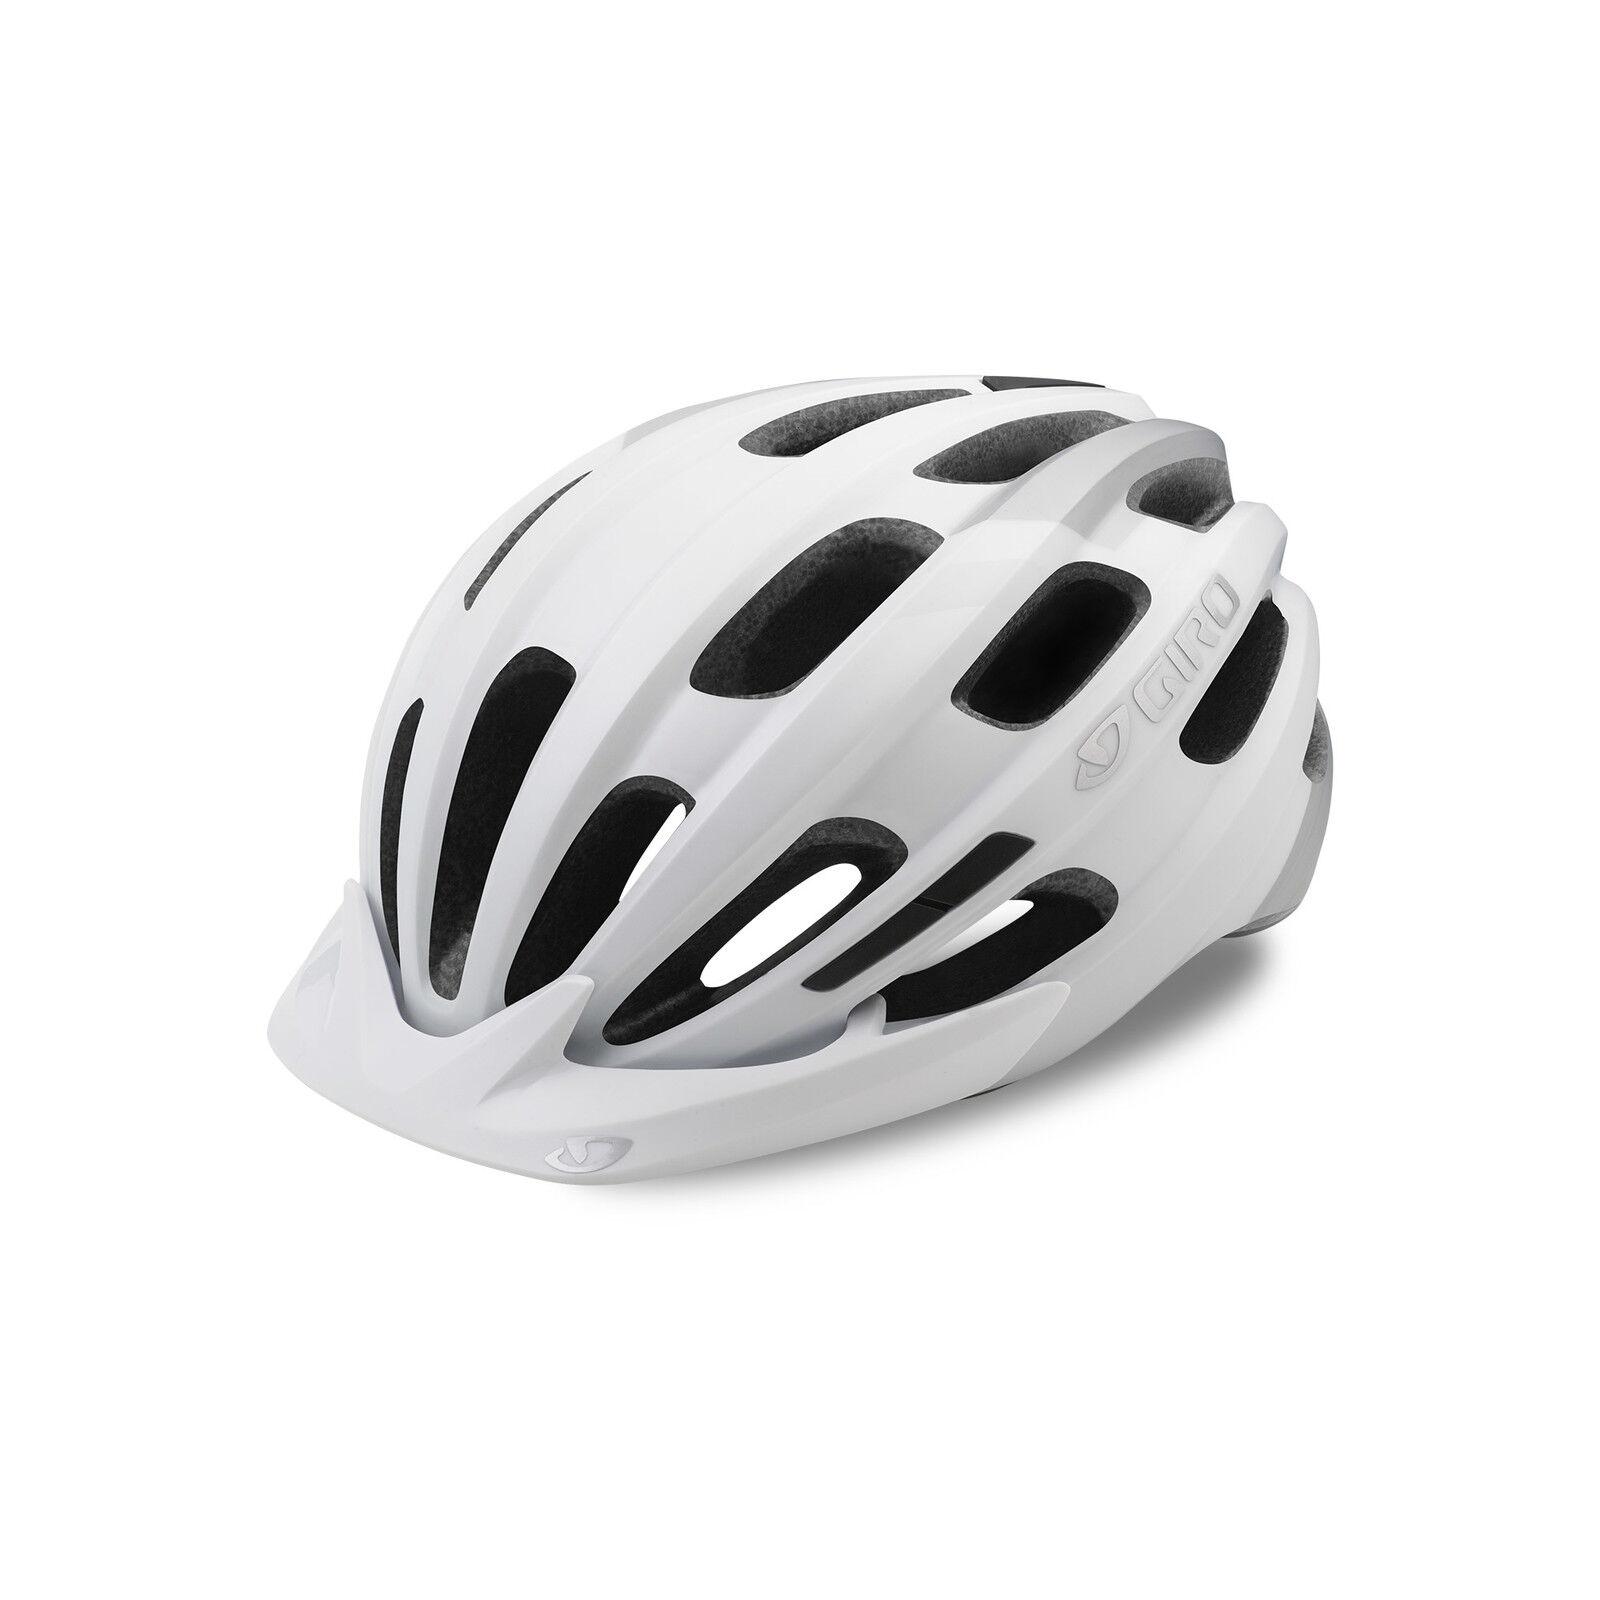 Giro Register Fahrrad Helm Gr. 54-61cm white 2019